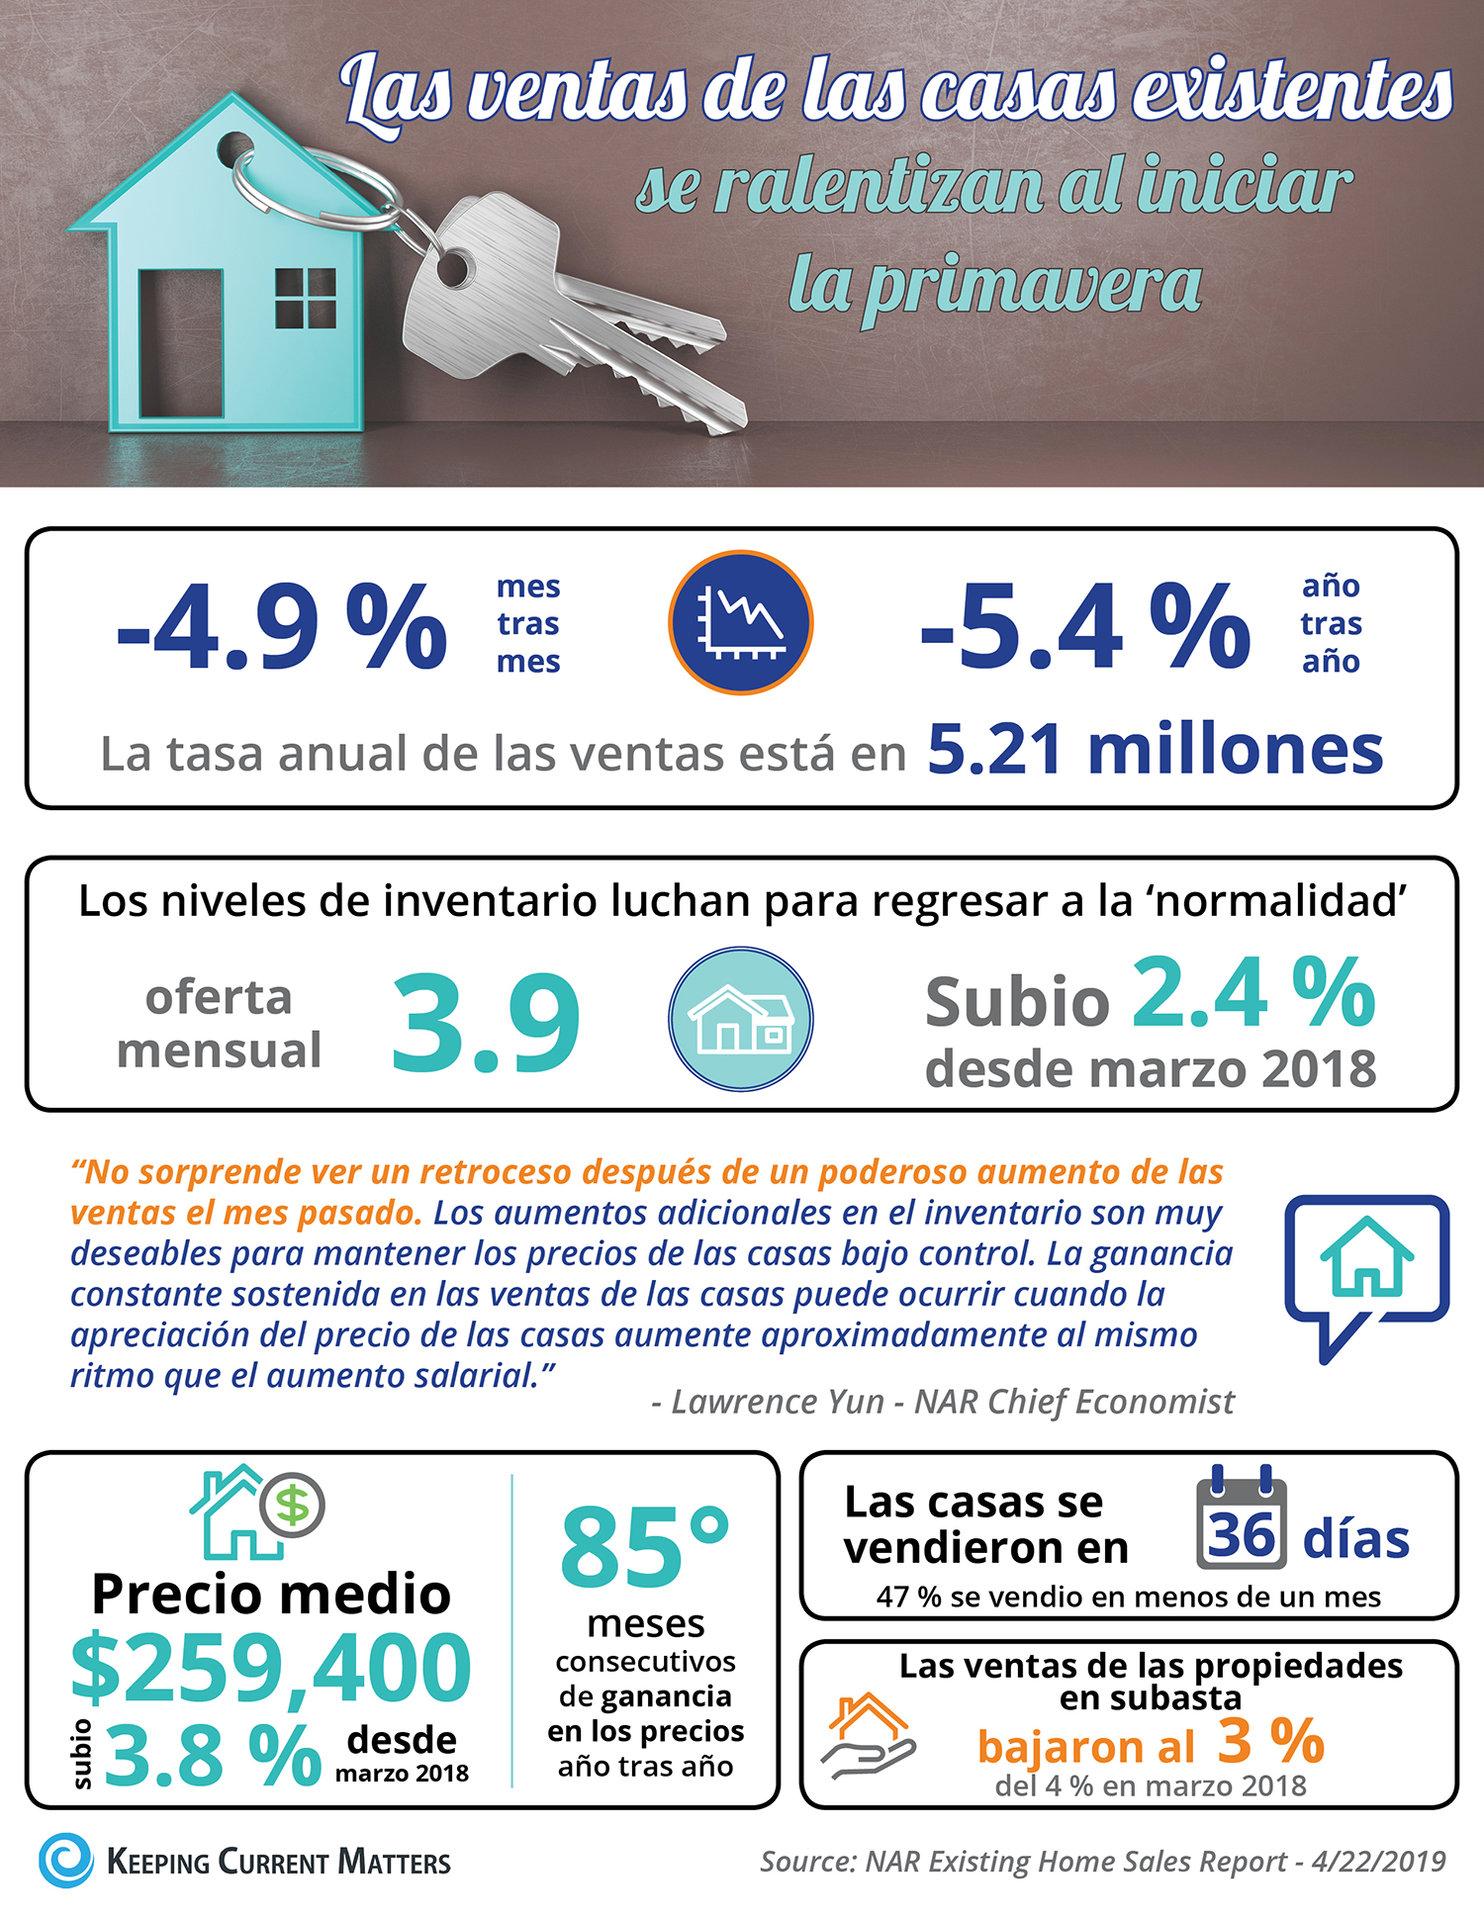 Las ventas de las casas existentes se ralentizan al iniciar la primavera [infografía] | Keeping Current Matters